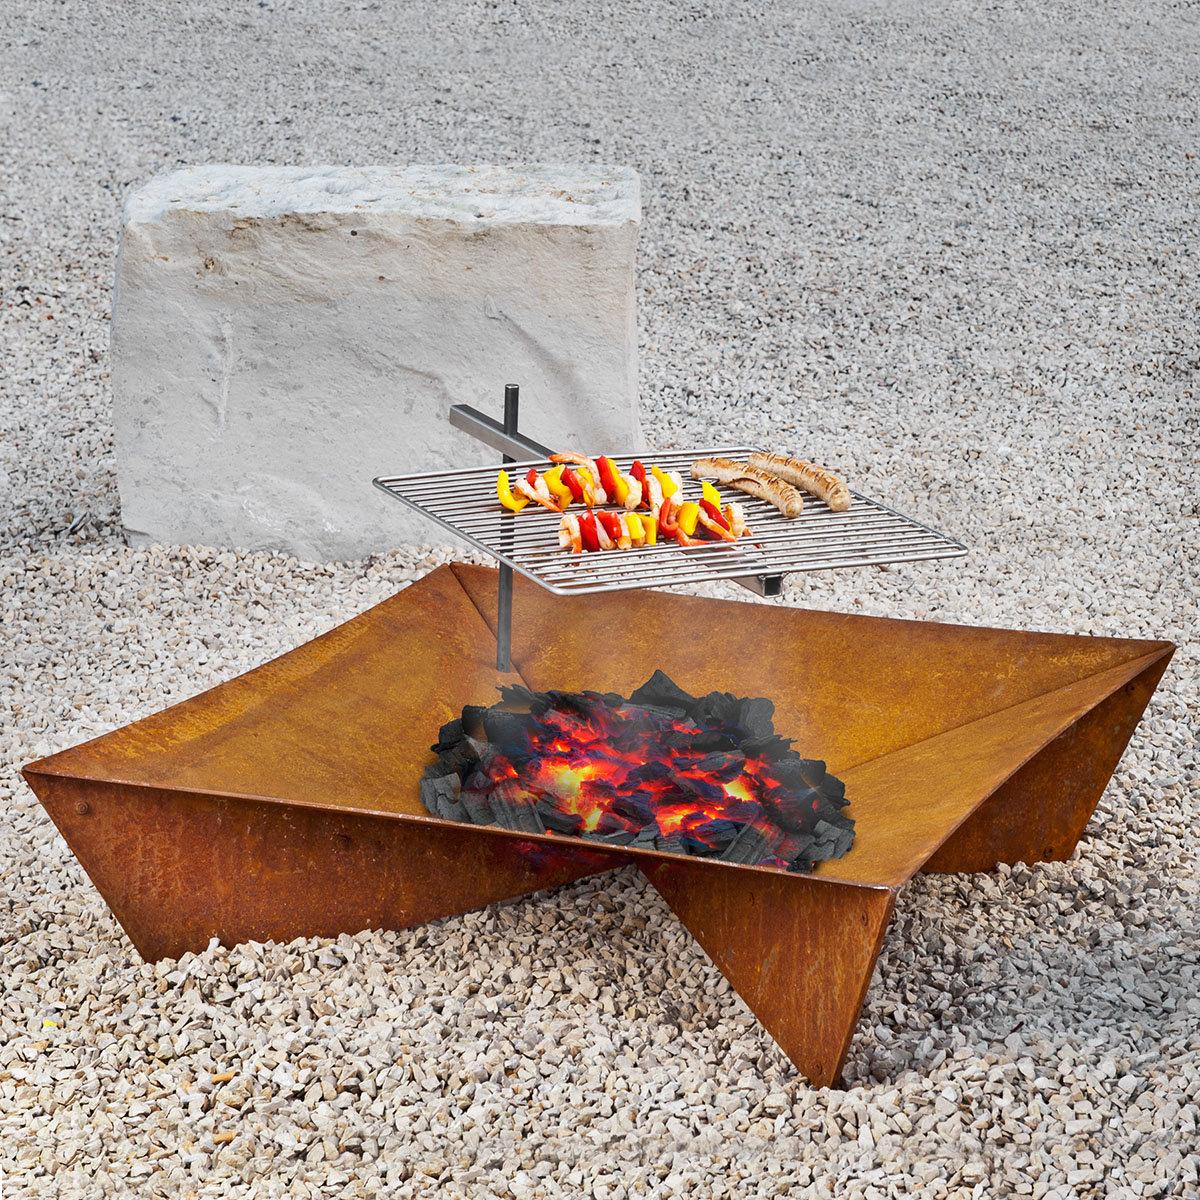 feuerstelle und grill fluxus set online kaufen bei g rtner p tschke. Black Bedroom Furniture Sets. Home Design Ideas